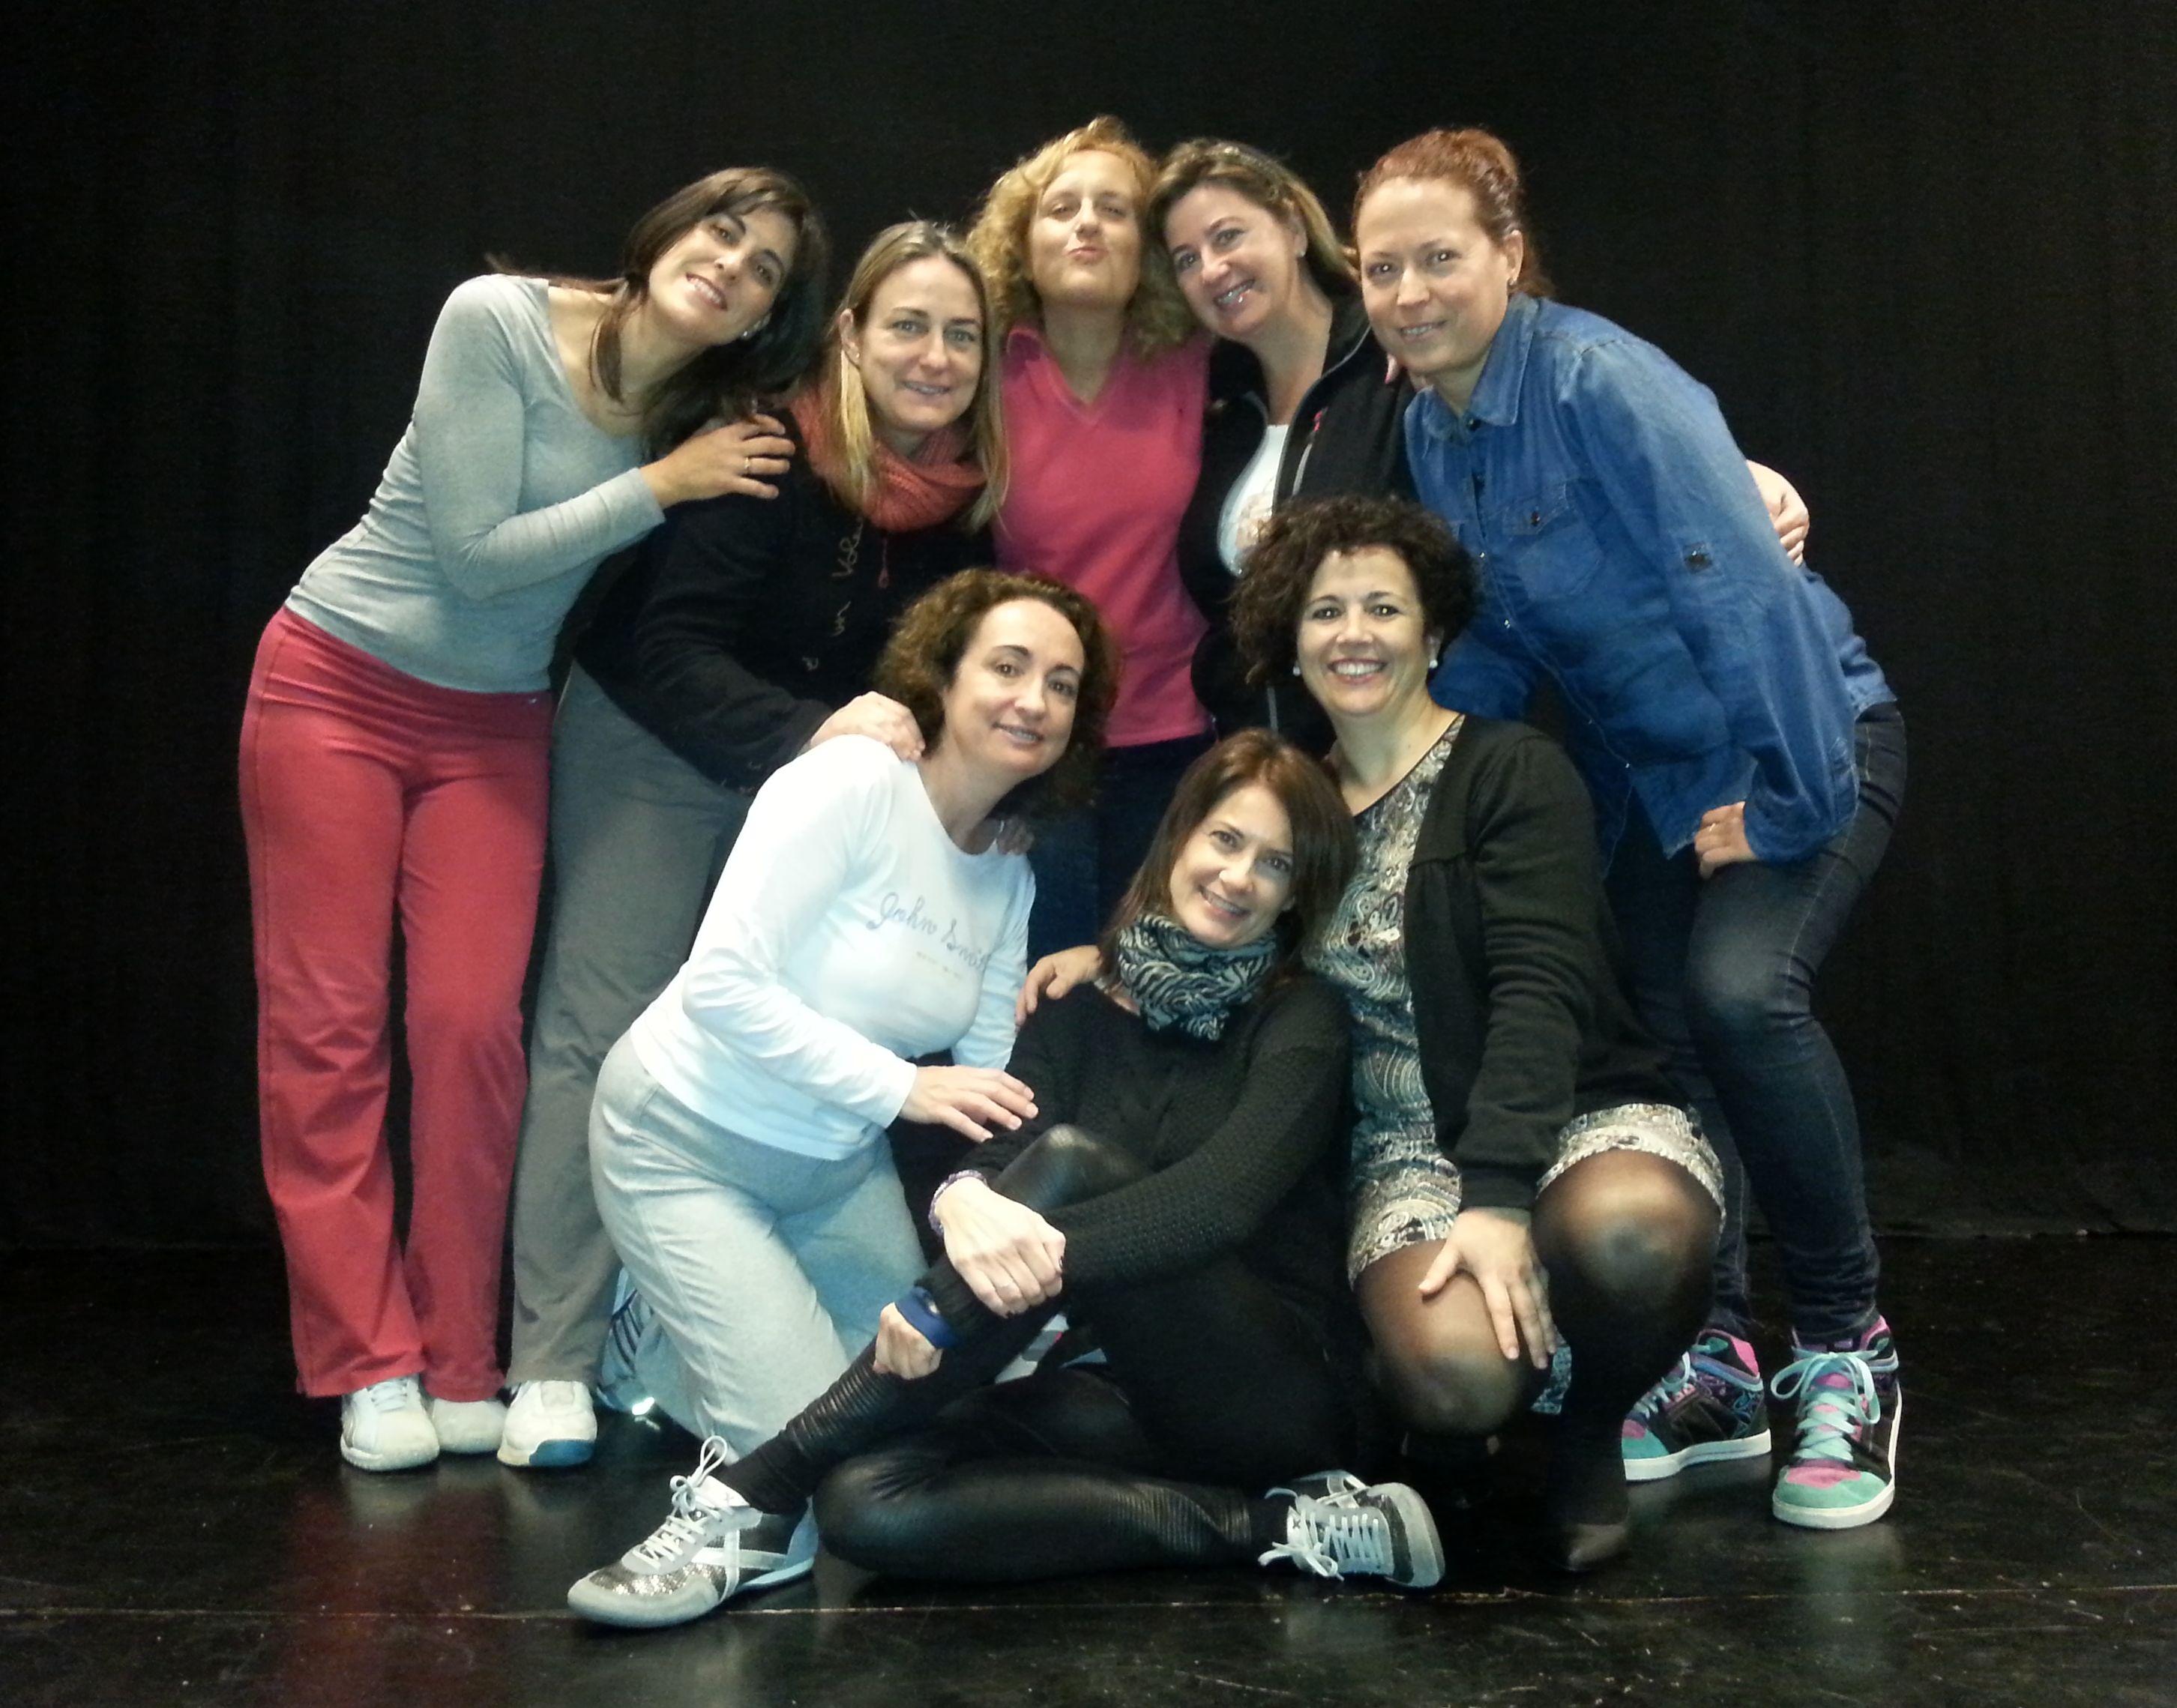 XXII Muestra de Teatro de Centros Docentes: AMPA Colegio Maravillas 'Grease'